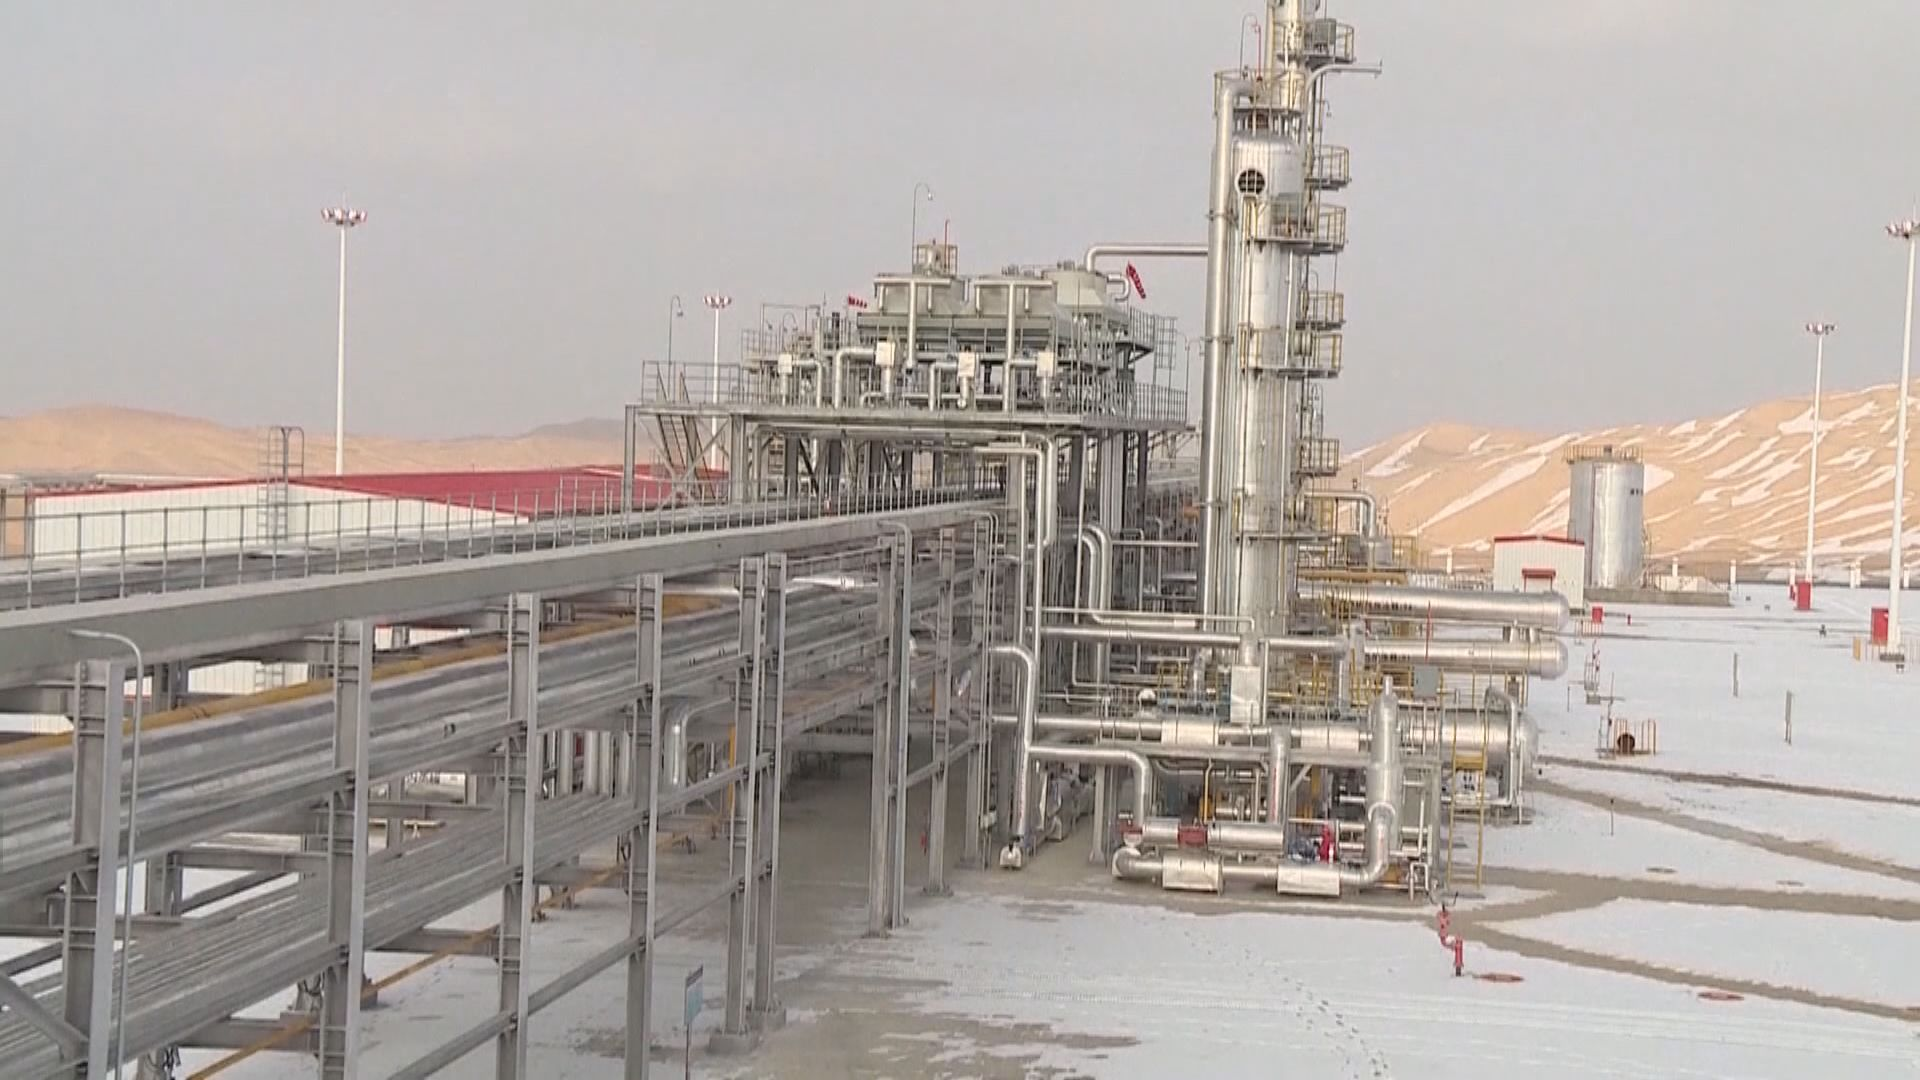 傳沙特與俄羅斯私人協議增加原油產量